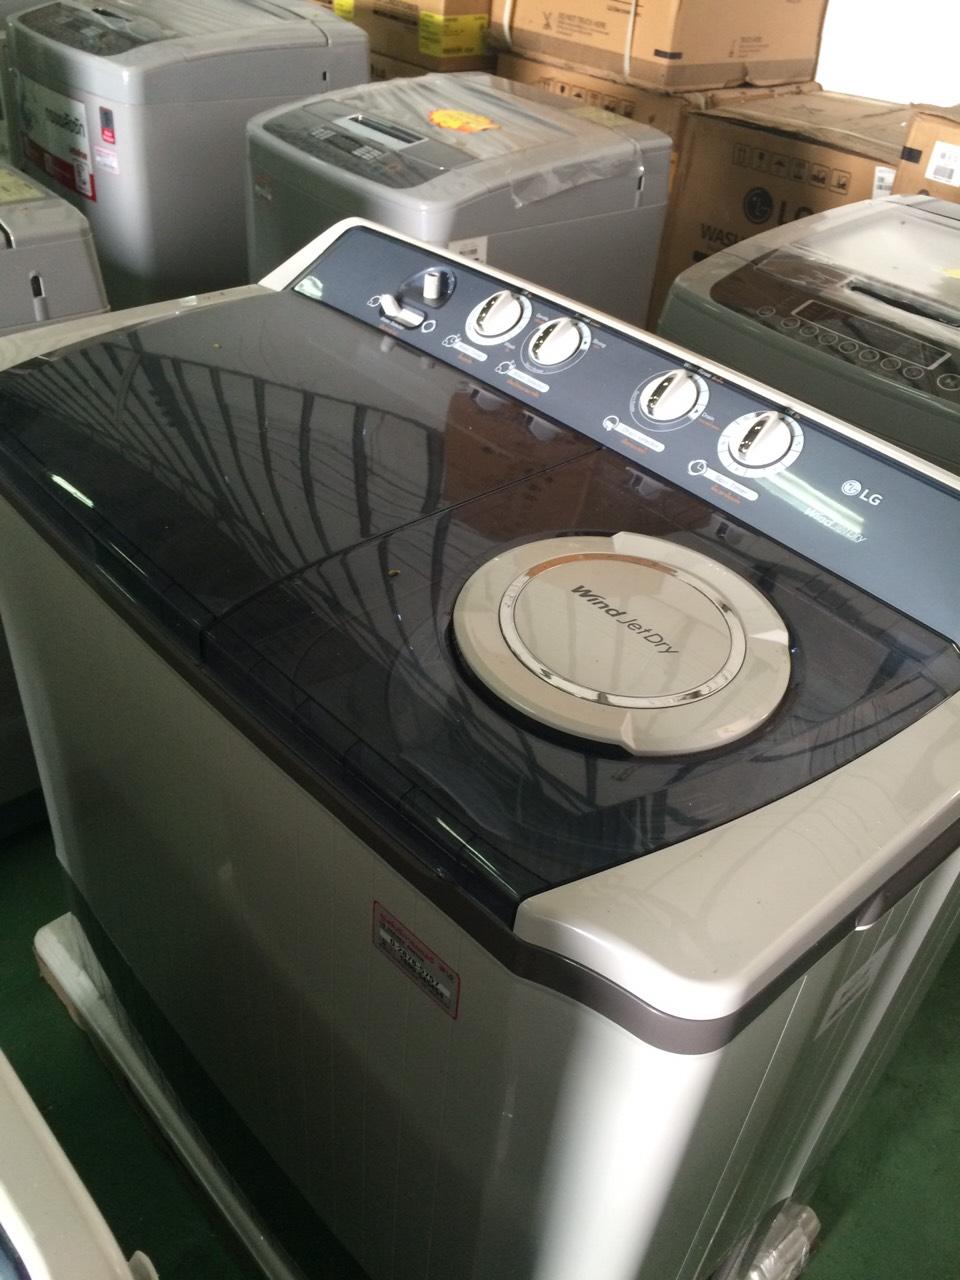 เครื่องซักผ้า 2 ถัง ระบบ ROLLER JET PUNCH + 3 ขนาดซัก 14 KG รุ่นWP-1650WST